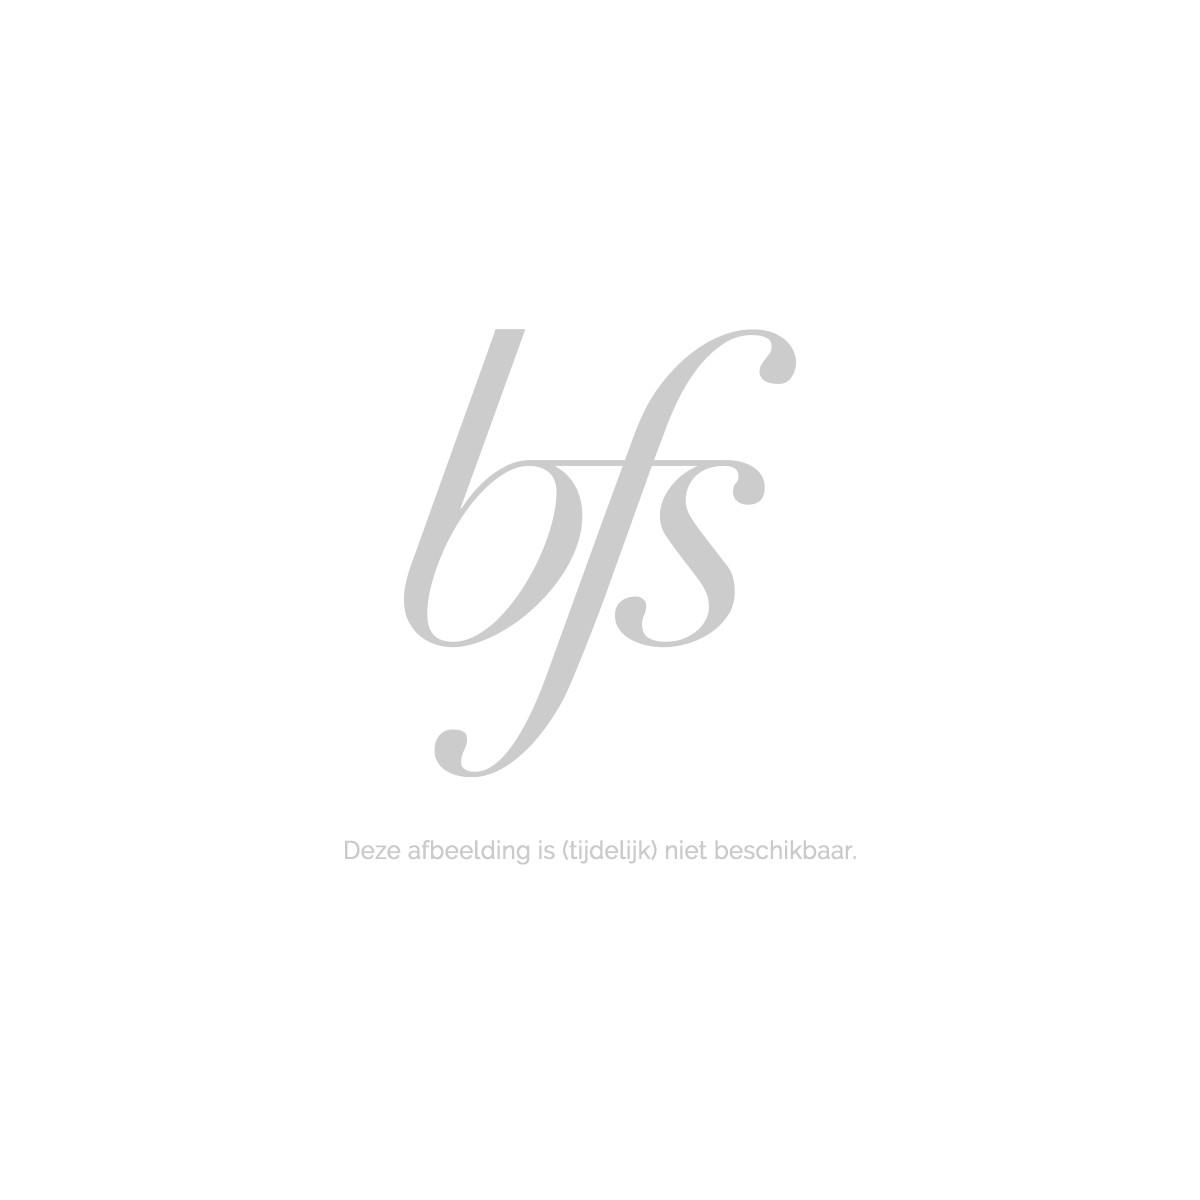 Afbeelding van Dermalogica Clear Start Breakout Cl Booster 30Ml Jonge huid Acne & Puistjes Beauty